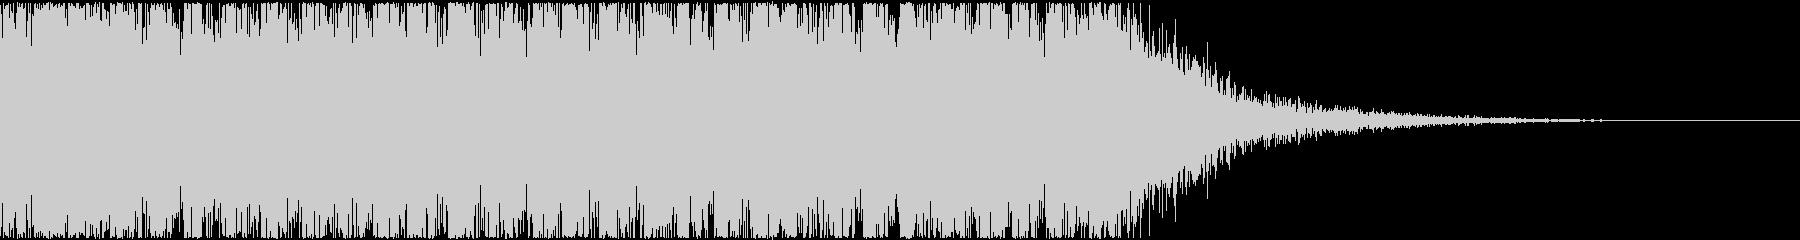 重めの発砲音(連写)の未再生の波形